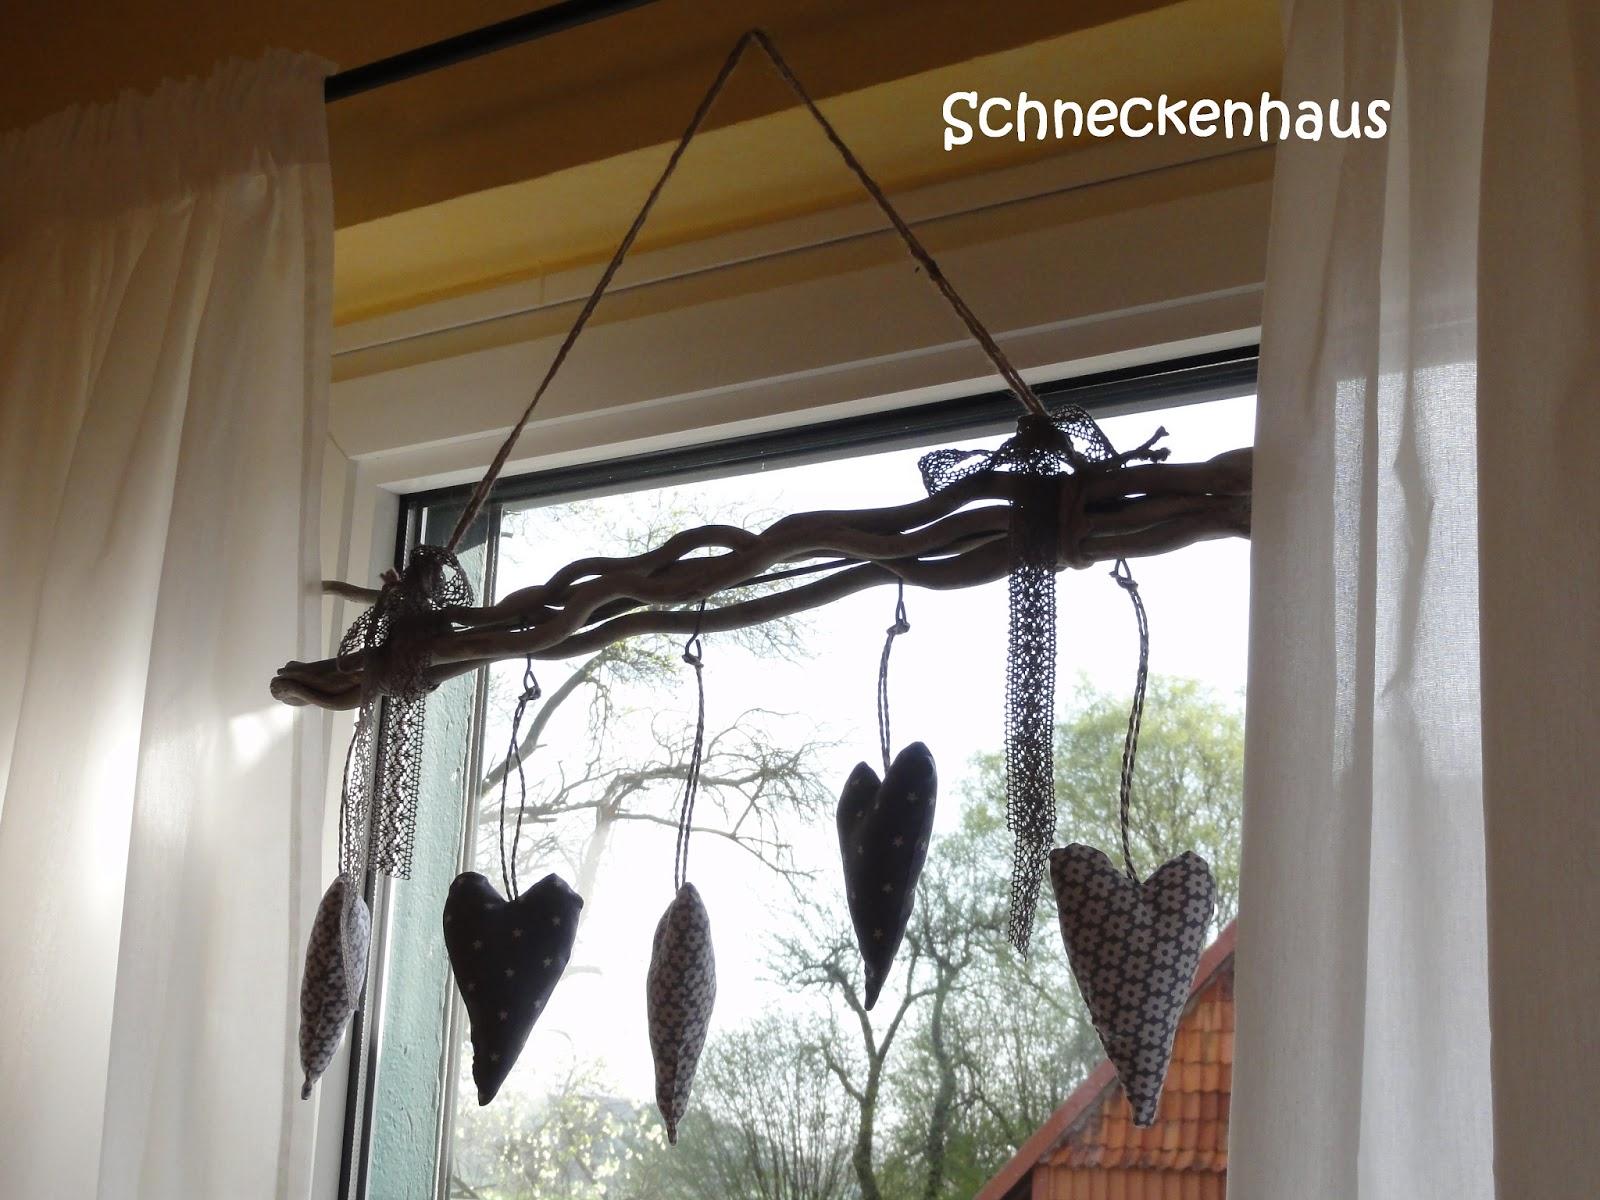 Atemberaubend Wohnzimmerfenster Deko Ideen Zeitgenössisch - Images ...